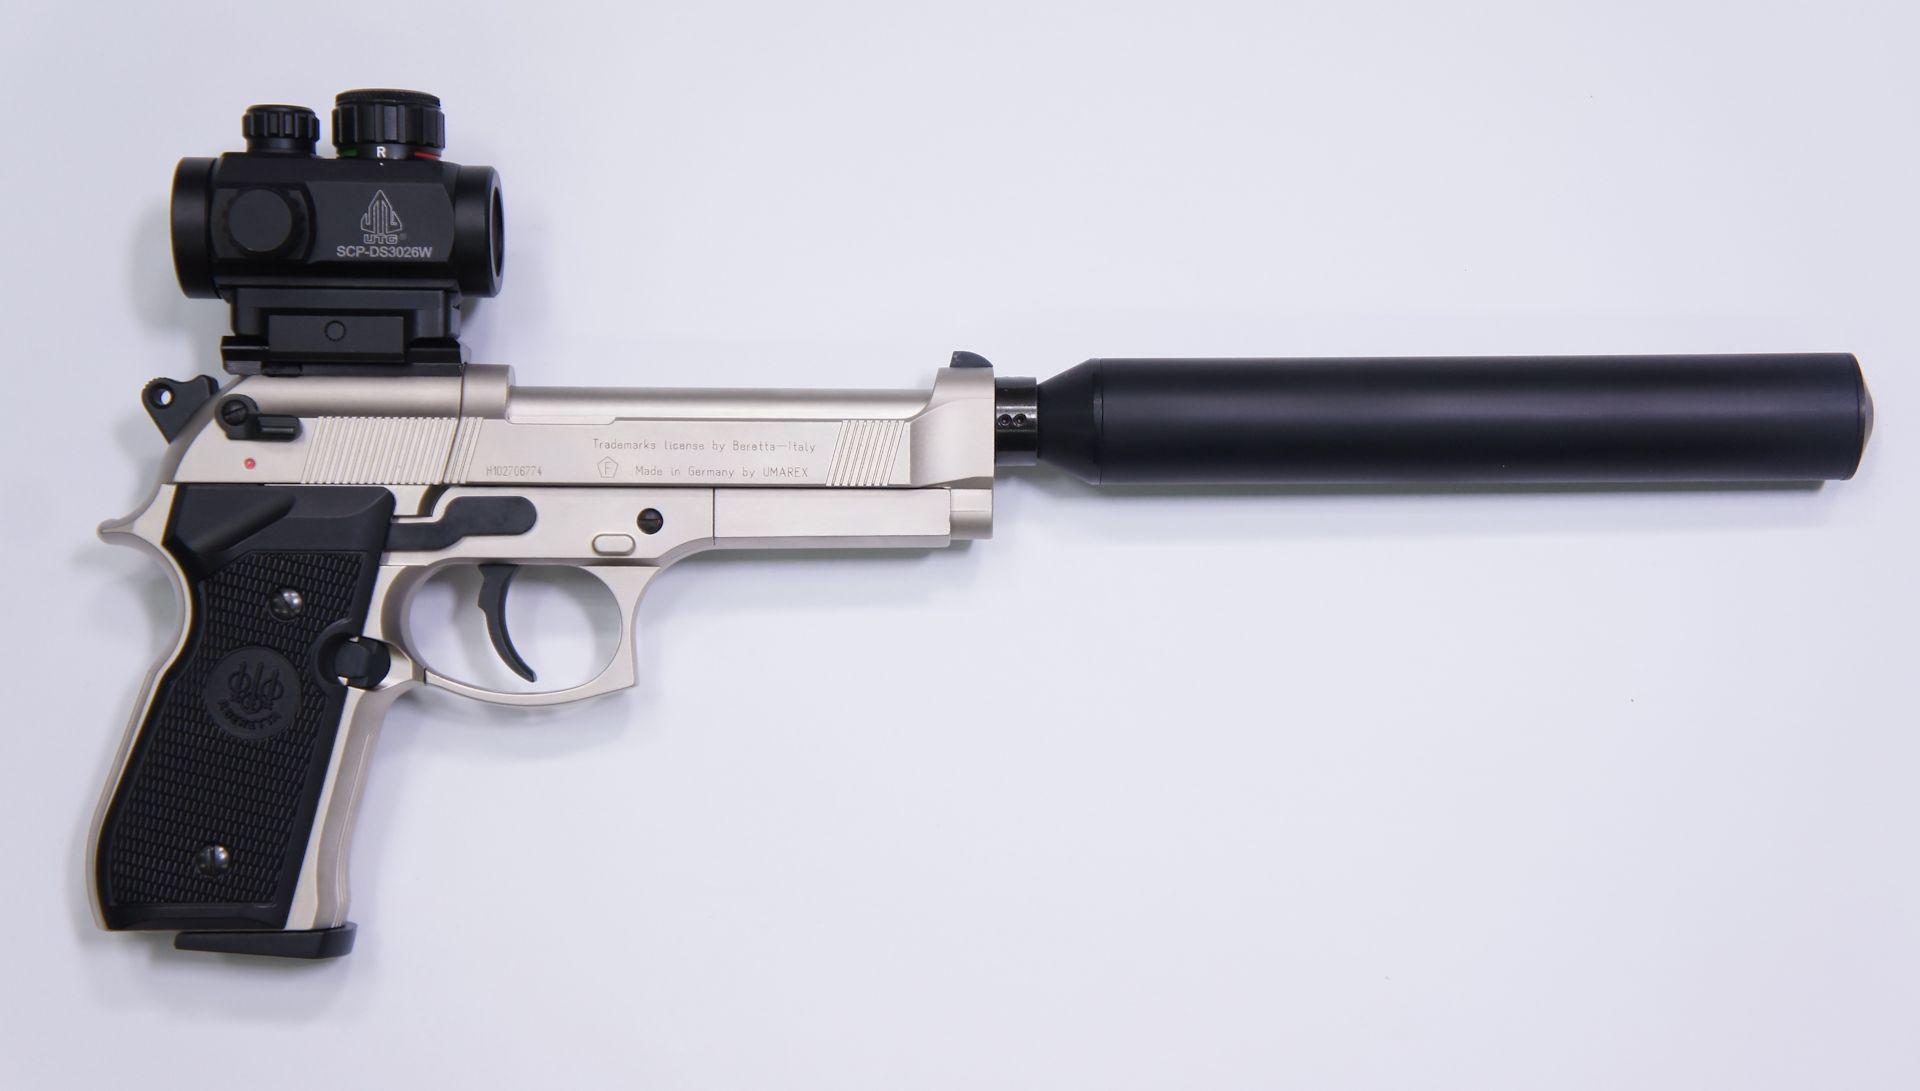 Hier ist die  Beretta 92 FS RTU von der rechten Seite zu sehen.